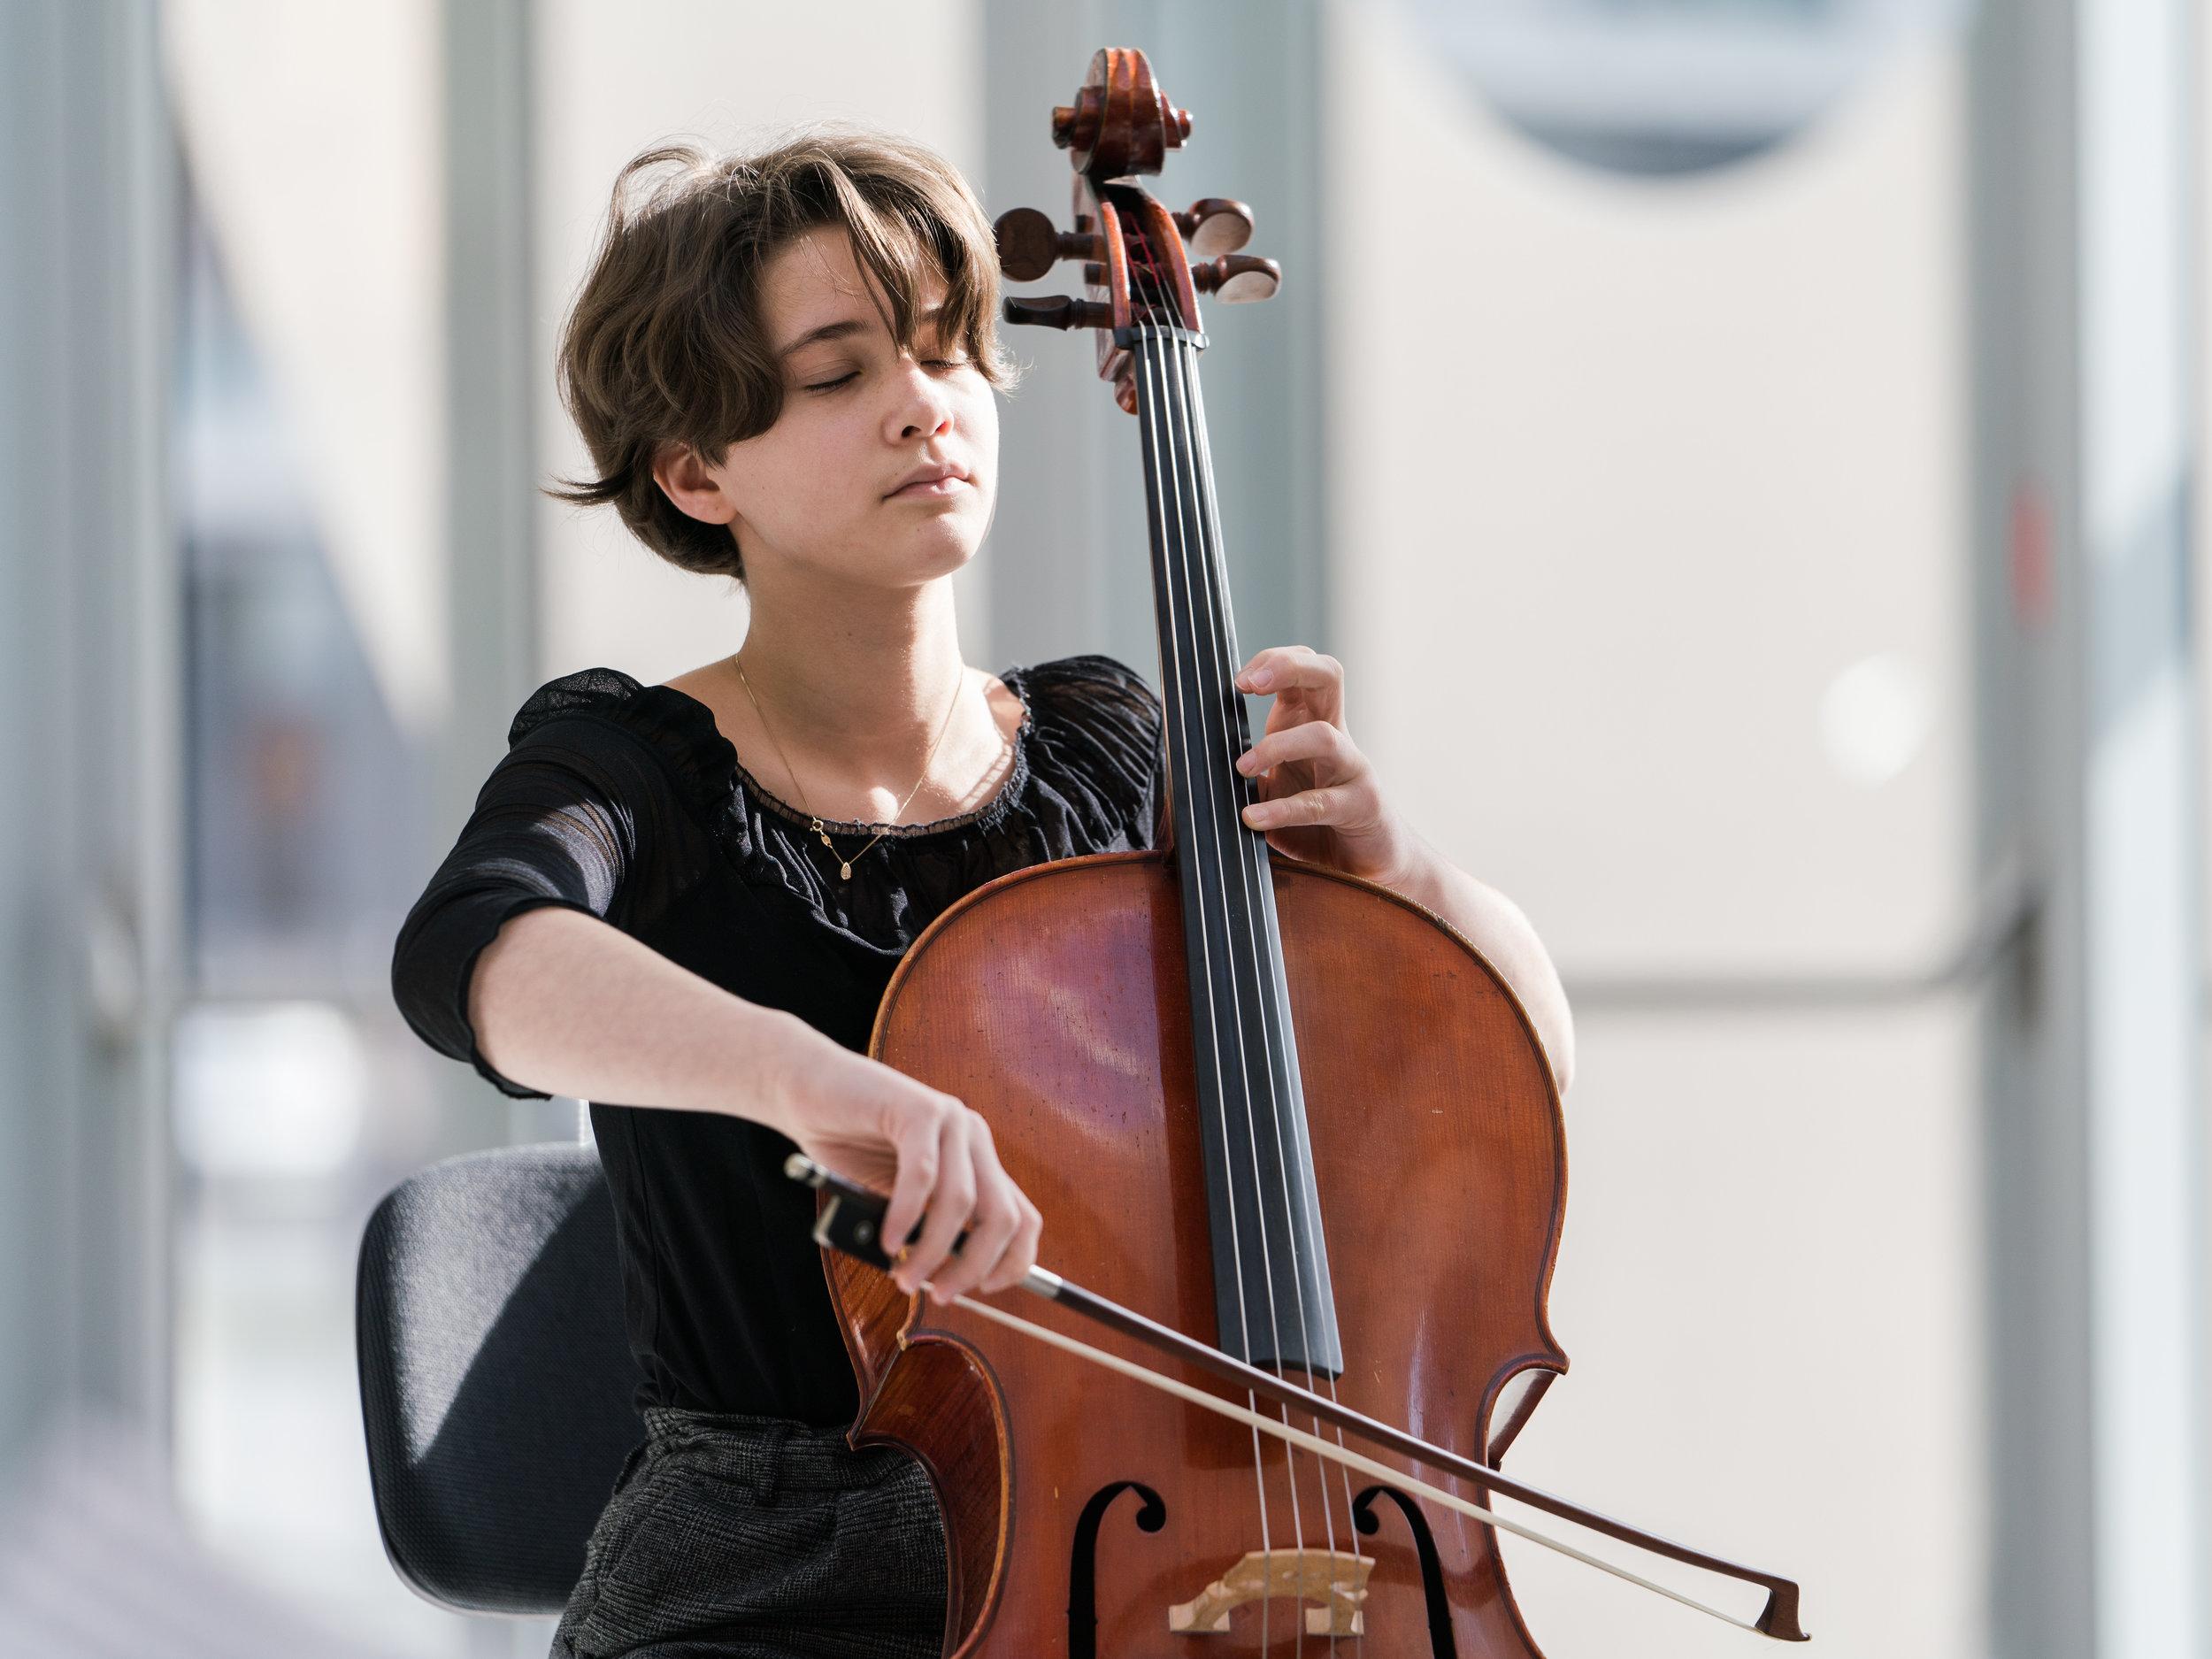 Konzert am Mittag - Cello20180206_007-036.jpg